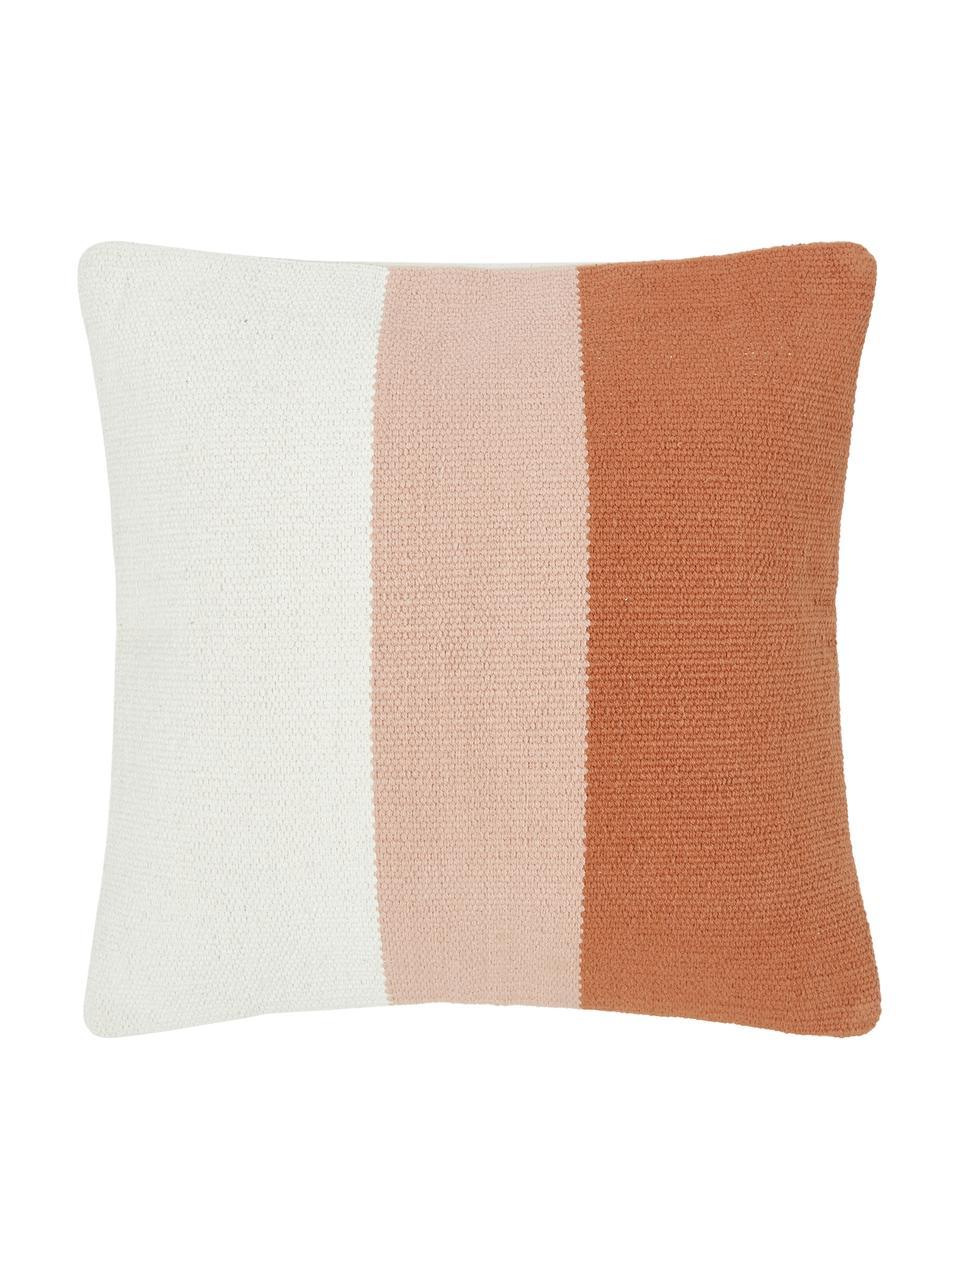 Housse de coussin 45x45 tissé main Lopes, Orange,rose,blanc